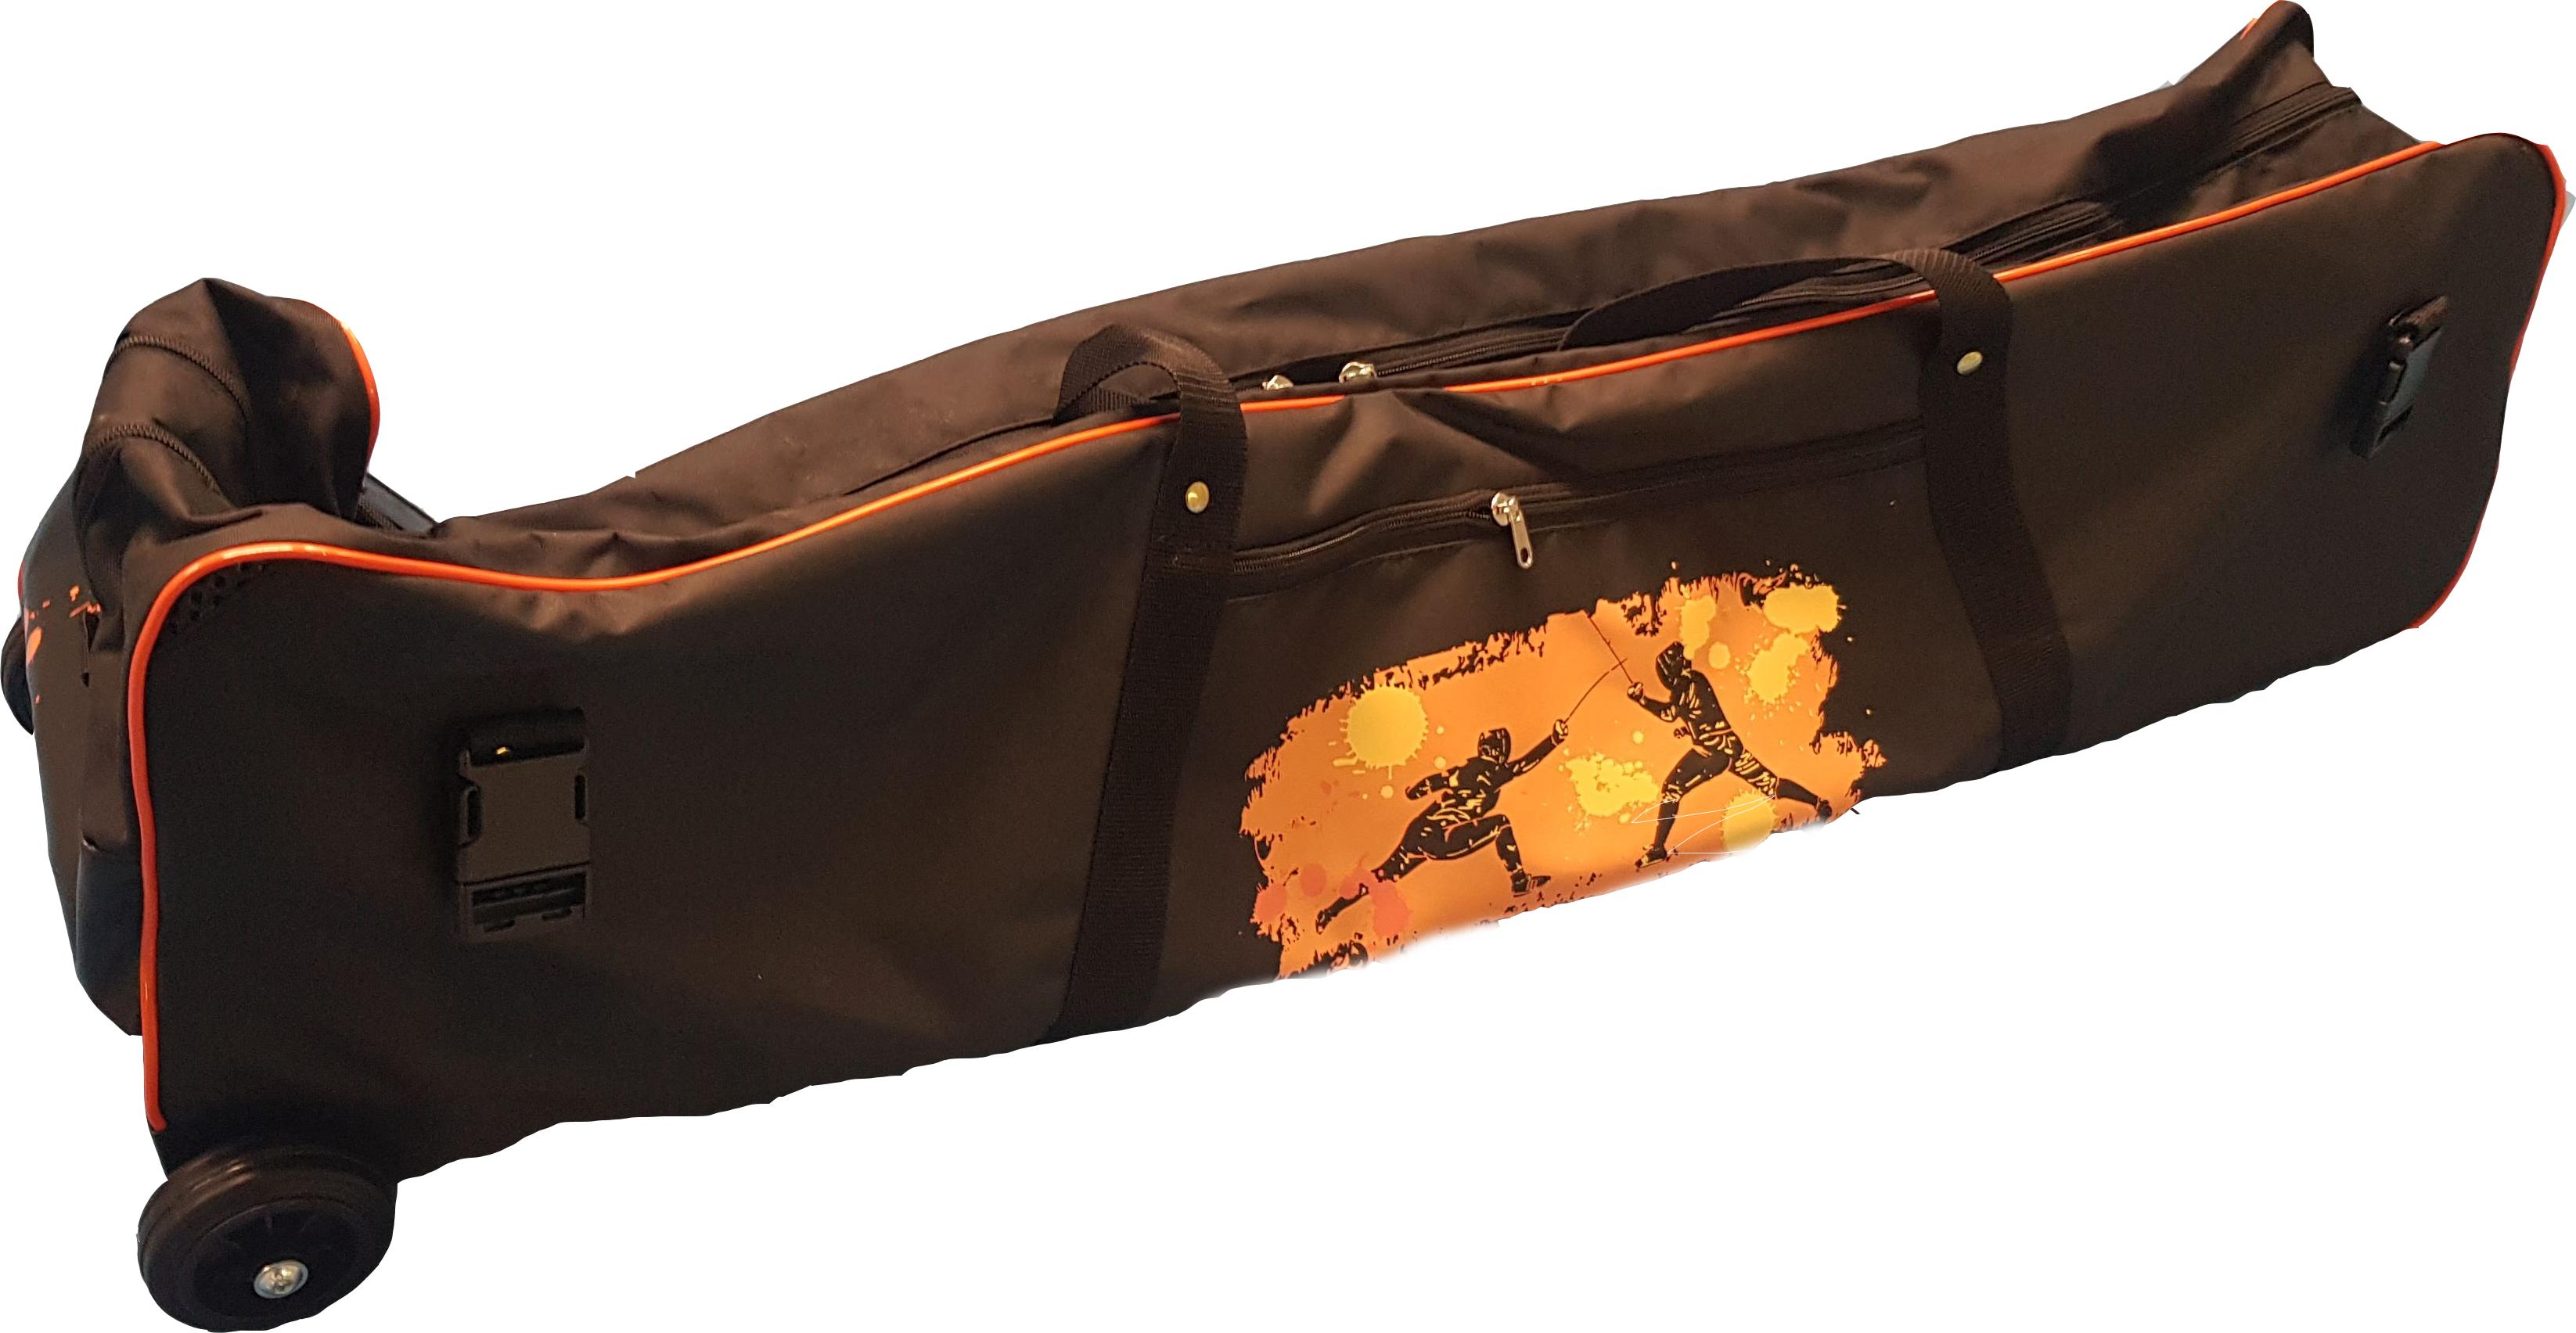 Nové jedinečné šermířské kolečkové tašky 5MFENCING  - 100% vyrobené v ČR